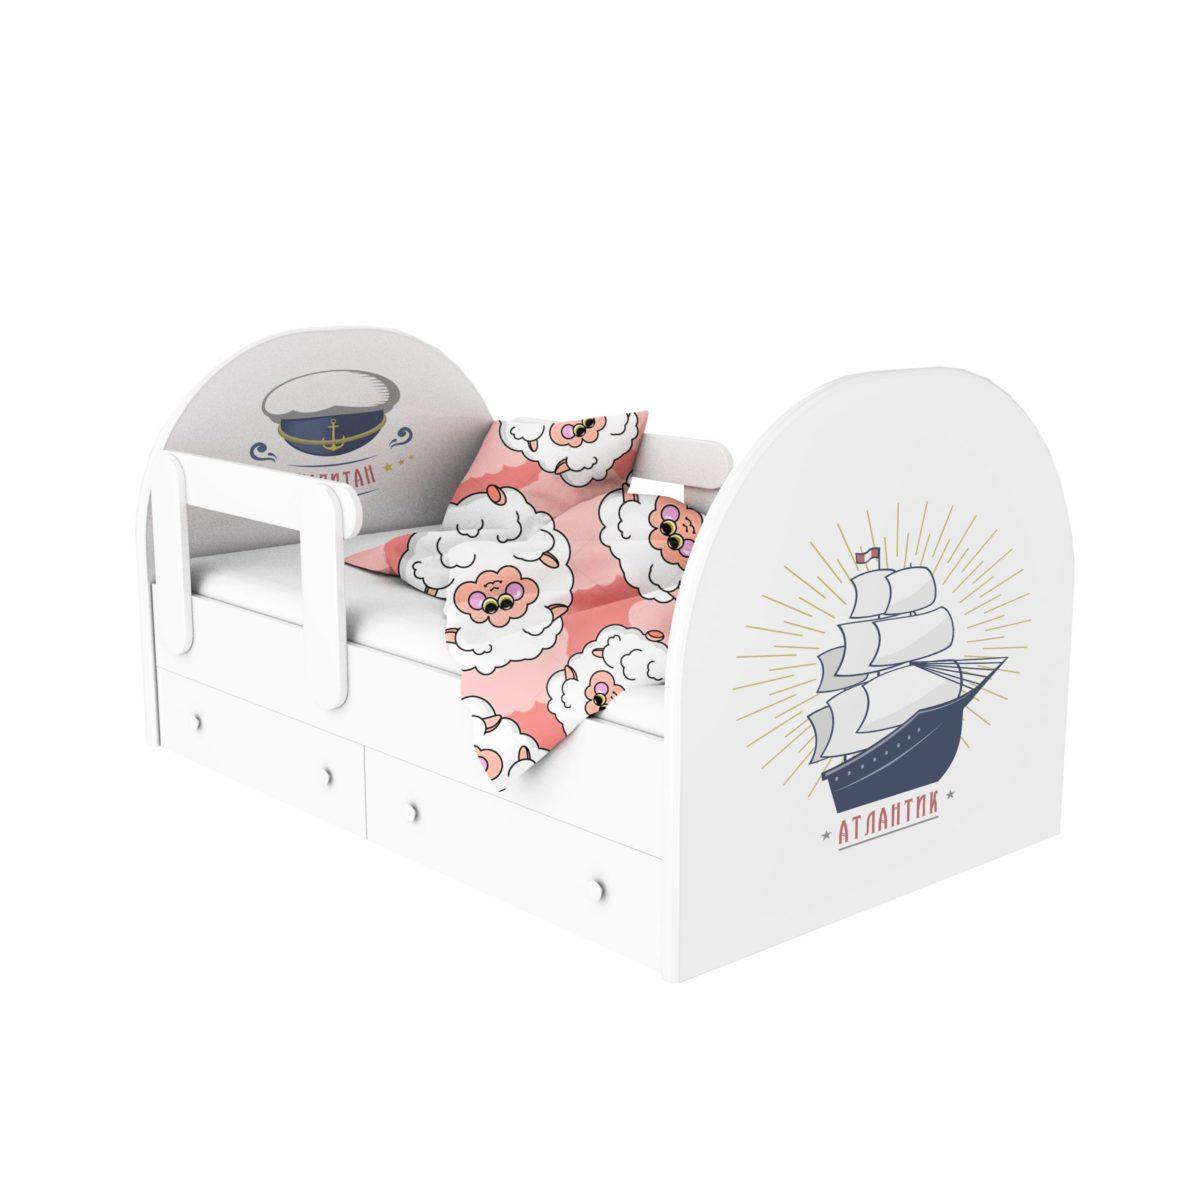 кровать с фотопечатью атлантик